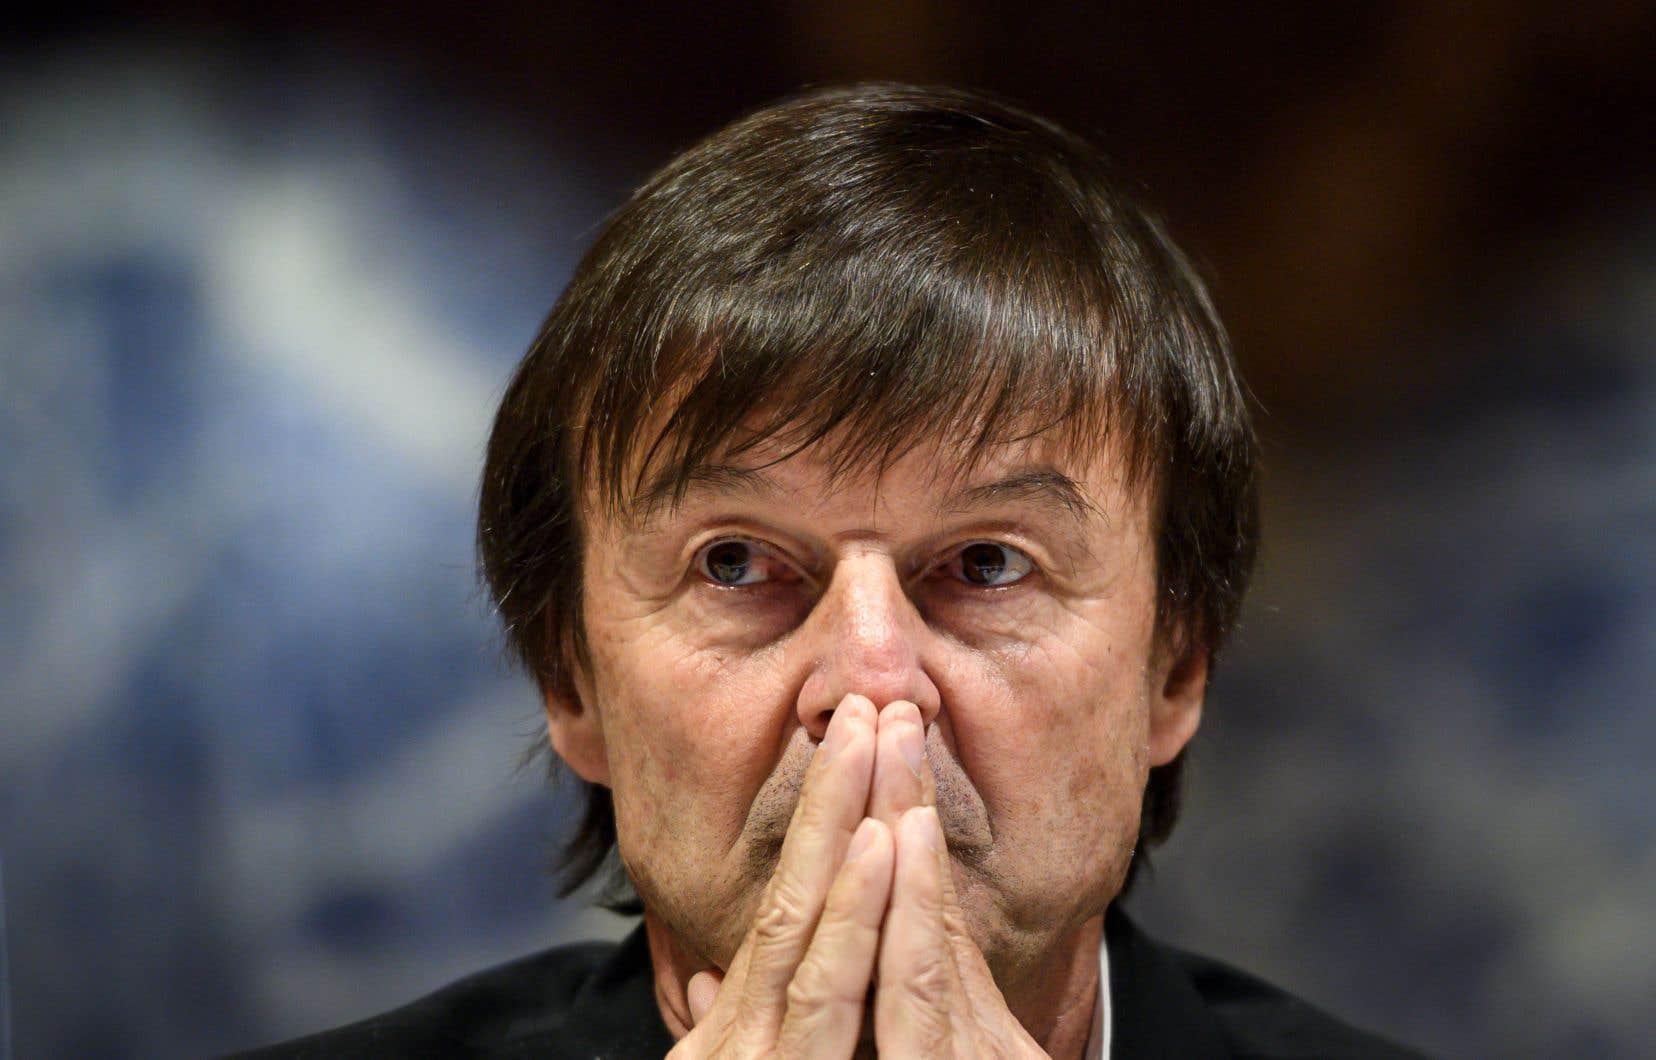 Nicolas Hulot, ministre de la Transition écologique, est un des membres les plus populaires du gouvernement français.